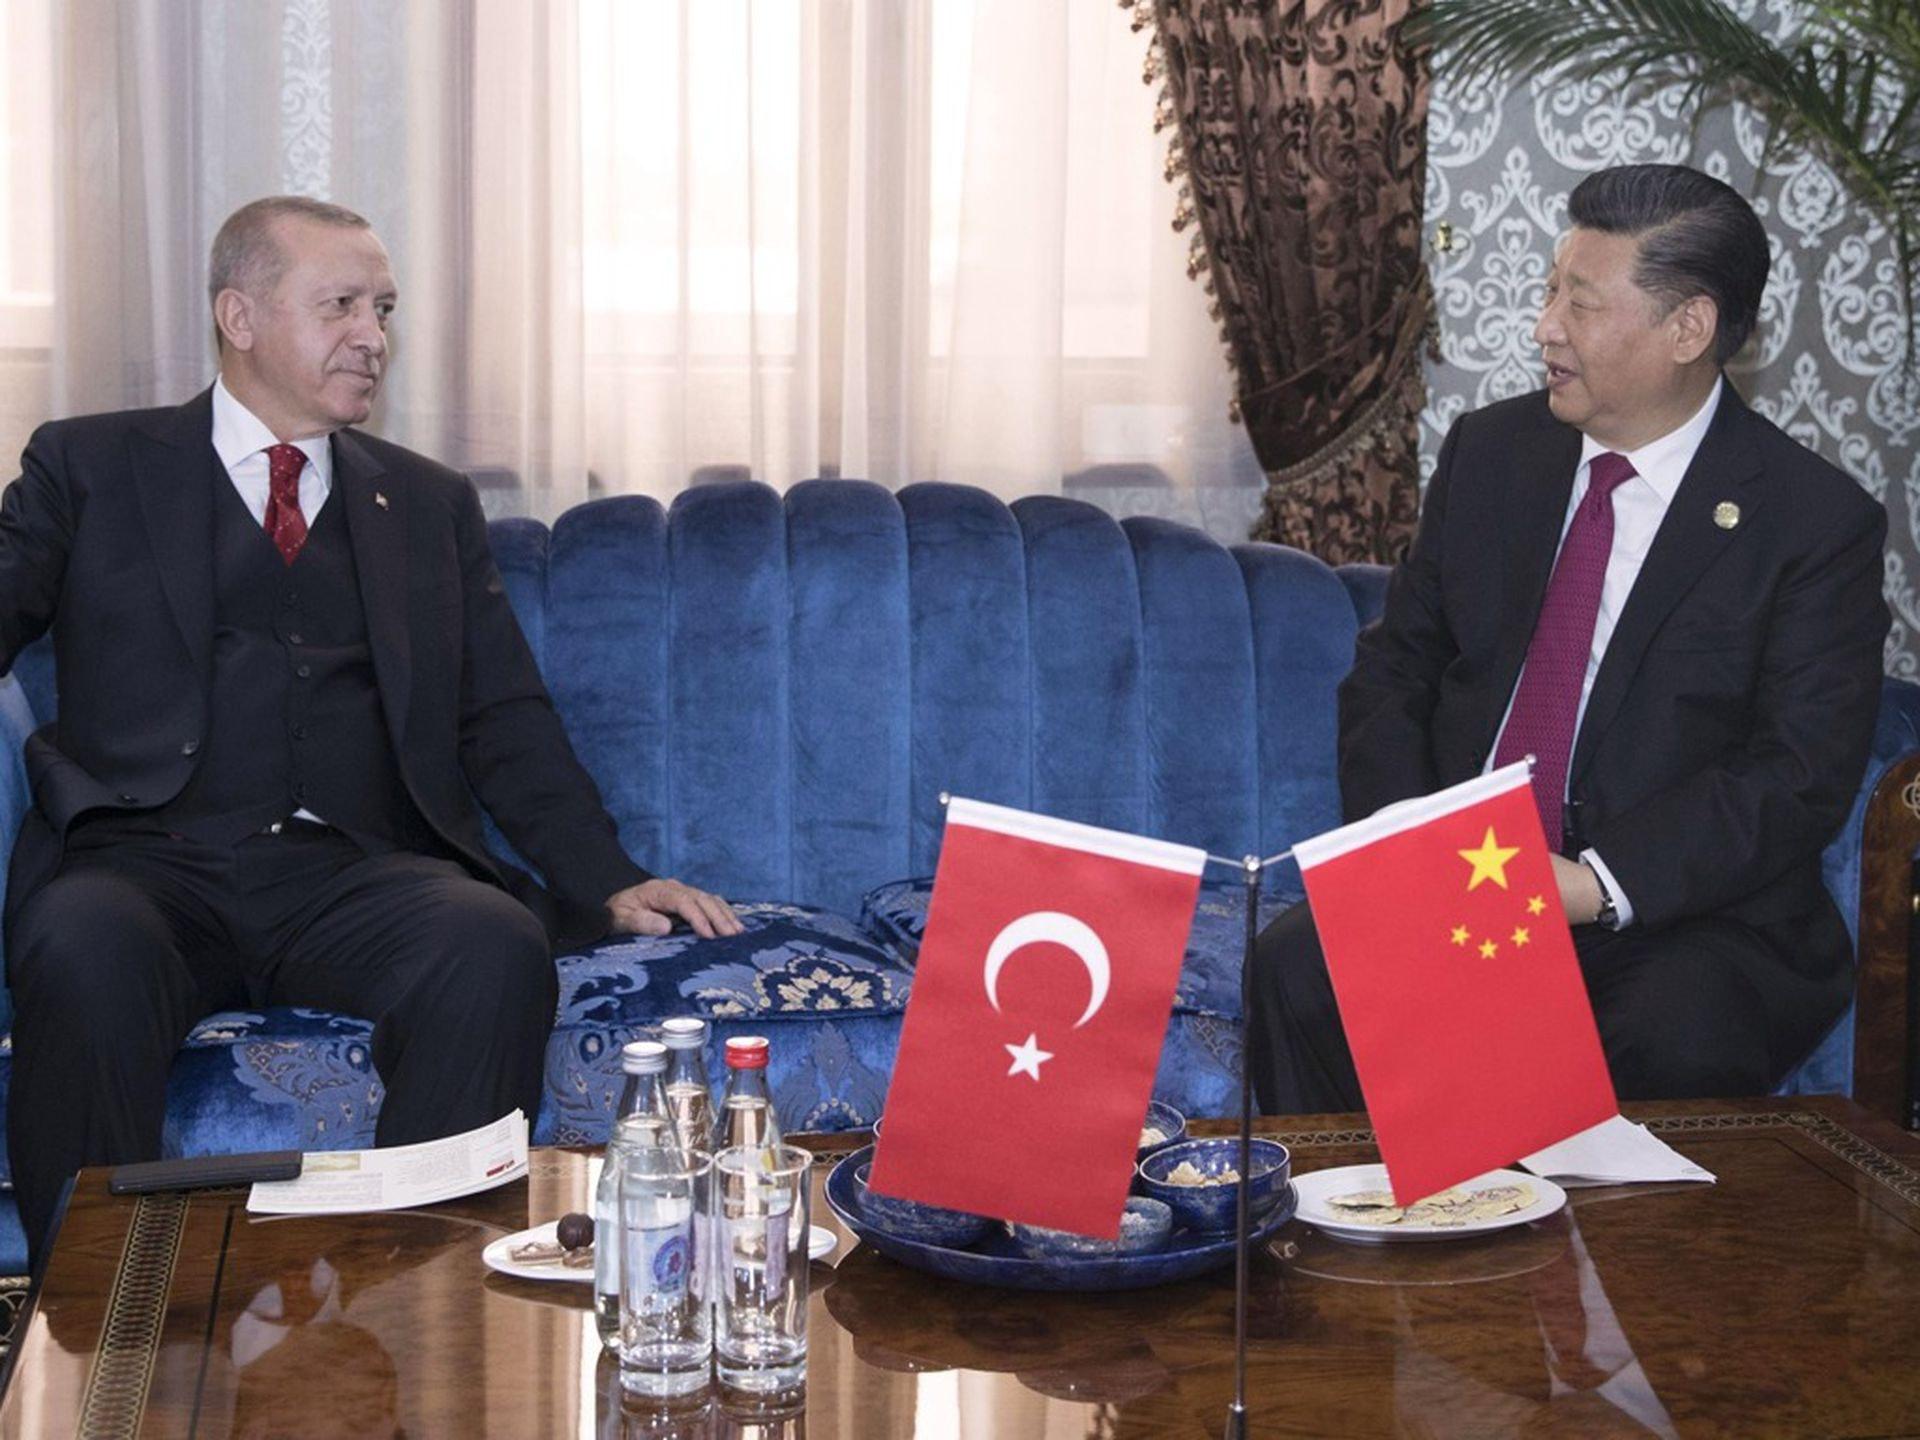 中国国家主席习近平于4月8日同土耳其总统埃尔多安(Recep Erdogan)通话时强调,病毒无国界、不分种族,中土双方要密切合作,加强协调。(新华社)